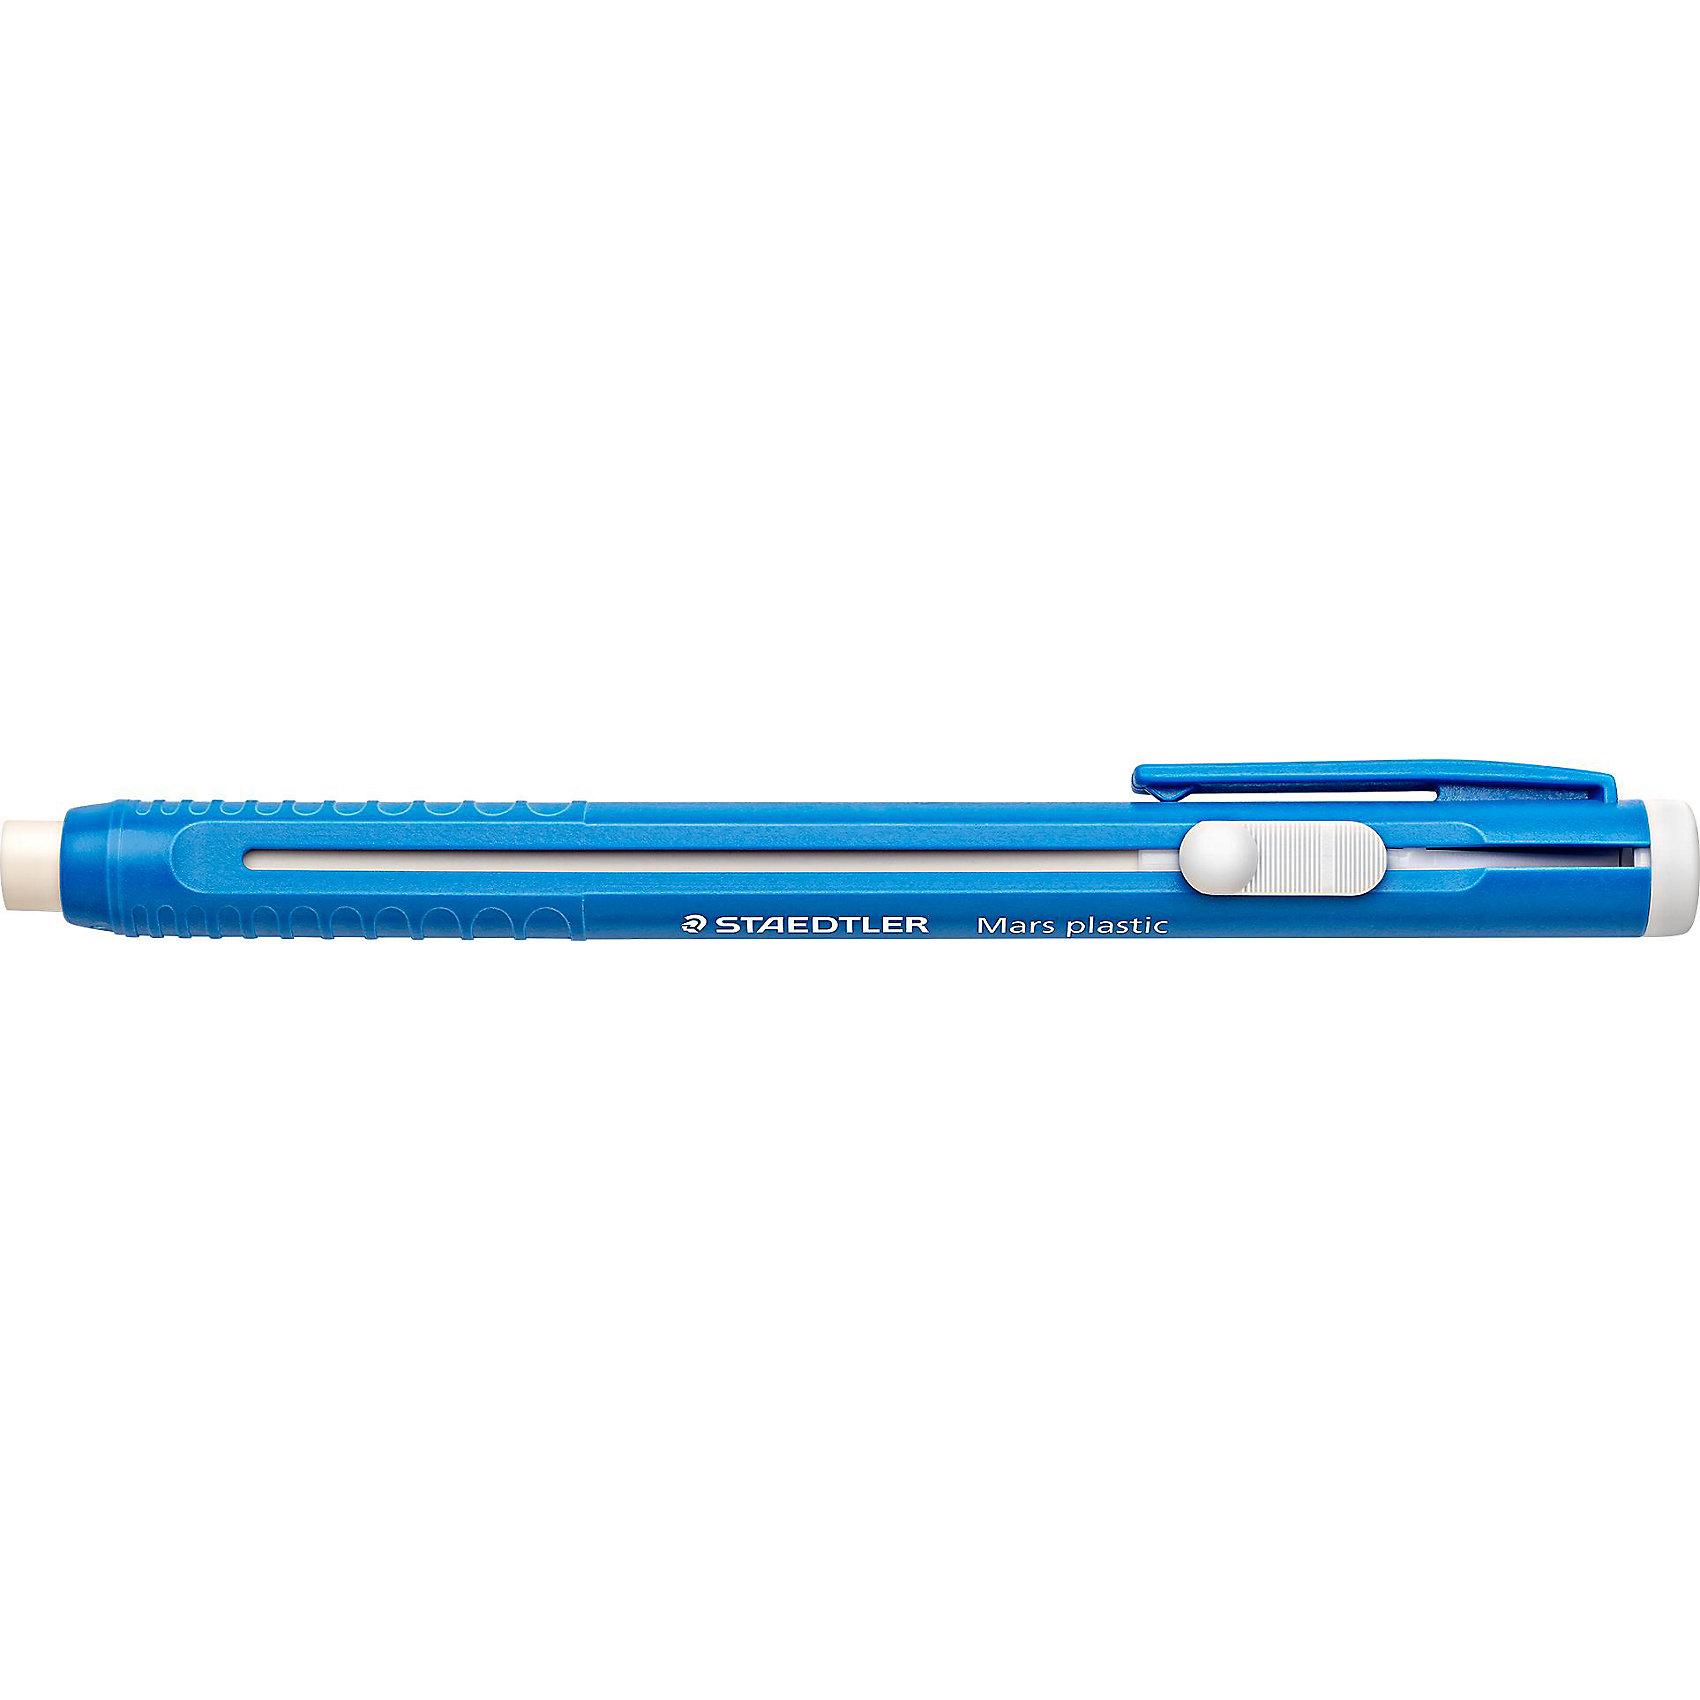 Staedtler Ластик-карандаш 528 50 с пластиковым держателем MarsЧертежные принадлежности<br>Staedtler Ластик-карандаш 528 50 с пласт.держателем Mars, синий.<br> Ластик в пластиковом держателе. <br>С выдвижным механизмом и клипом.<br> Без фталата и латекса.<br><br>Ширина мм: 137<br>Глубина мм: 11<br>Высота мм: 15<br>Вес г: 15<br>Возраст от месяцев: 72<br>Возраст до месяцев: 1332<br>Пол: Унисекс<br>Возраст: Детский<br>SKU: 3274524